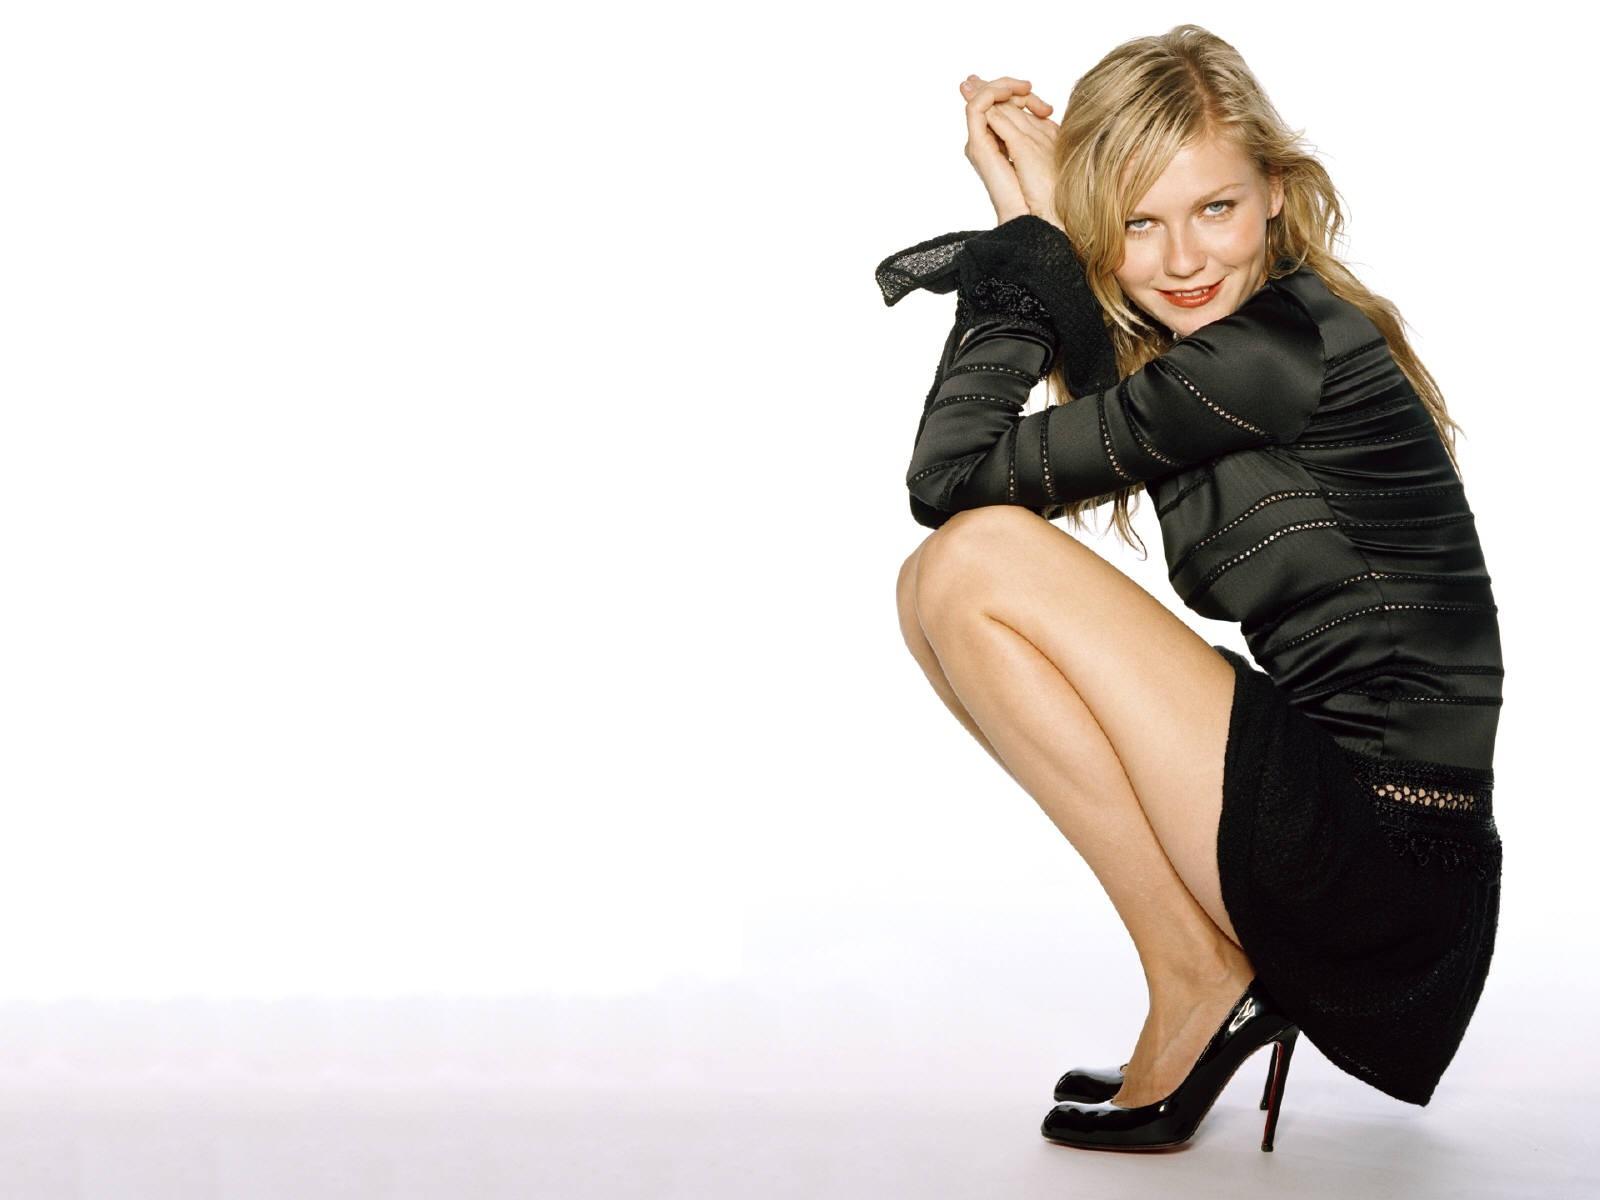 Wallpaper di Kirsten Dunst  - l'attrice è nata il 30 Aprile 1982, a Point Pleasant, nel New Jersey